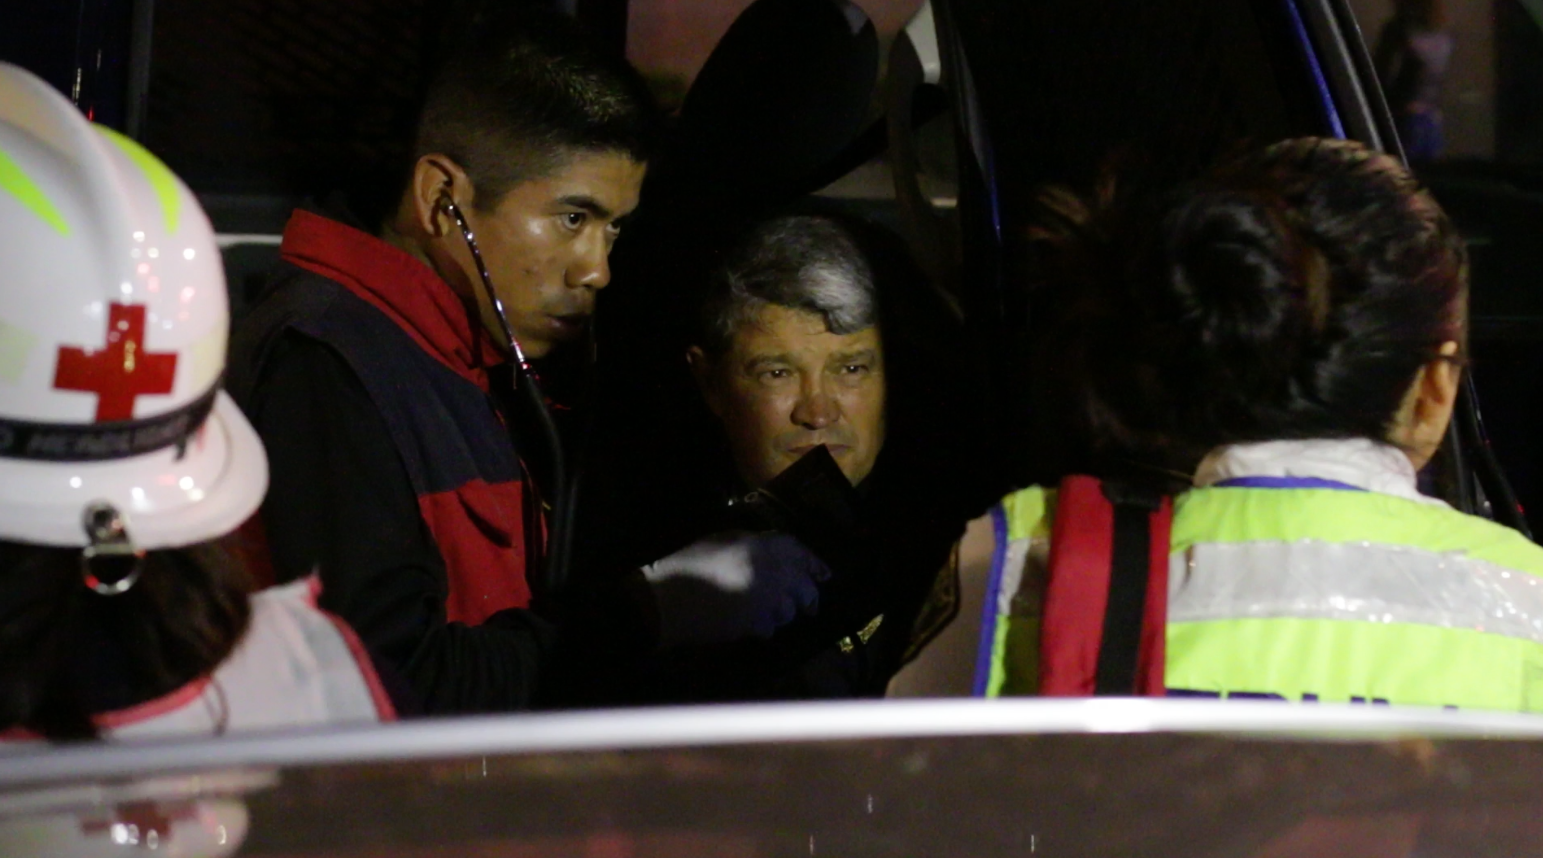 Acusado de atropellar policía podría haber sido objeto de agresión arbitraria